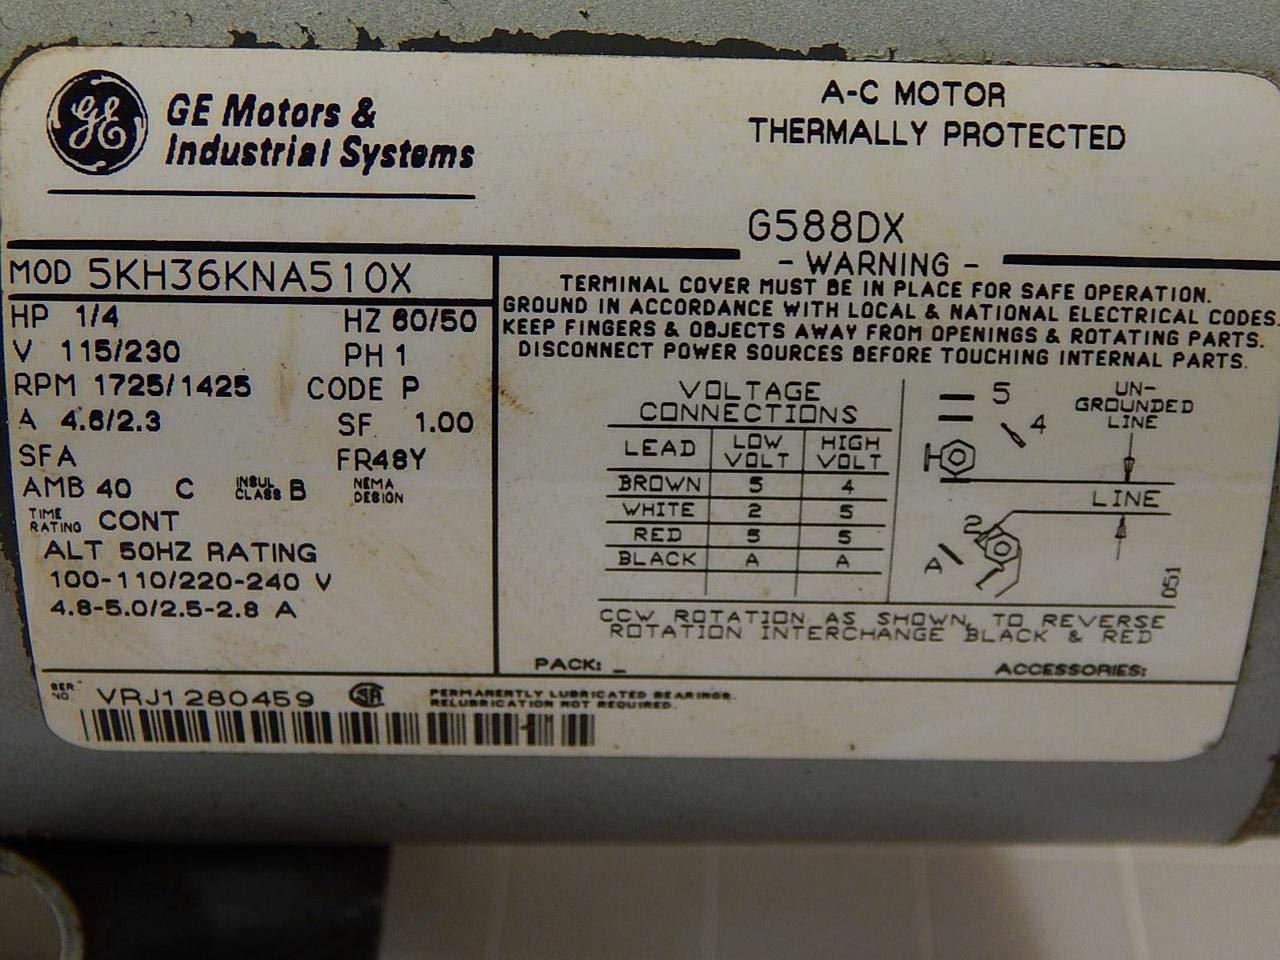 Gast 0523-504Q-G588DX, 5KH36KNA510X Vacuum Pump 1/4 HP 115/230 V 1 ...